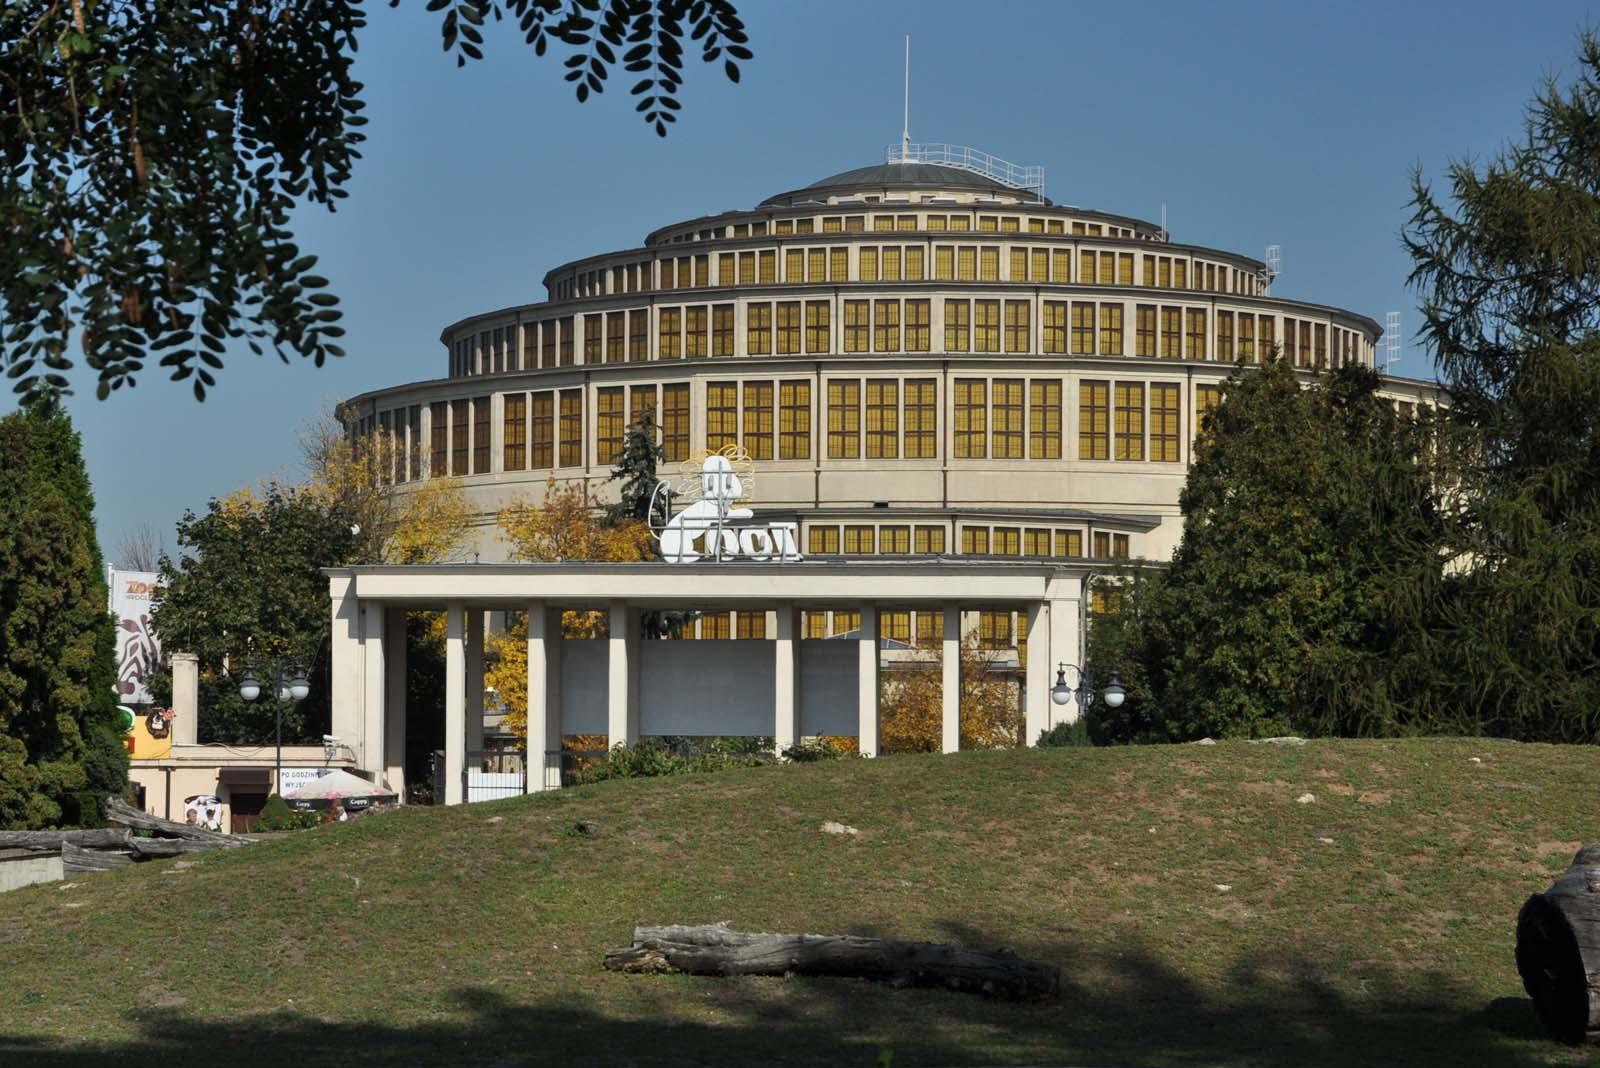 Hala Stulecia we Wrocławiu i brama wejściowa do jednego z największych zoo w Polsce, Hala Stulecia, Wrocław